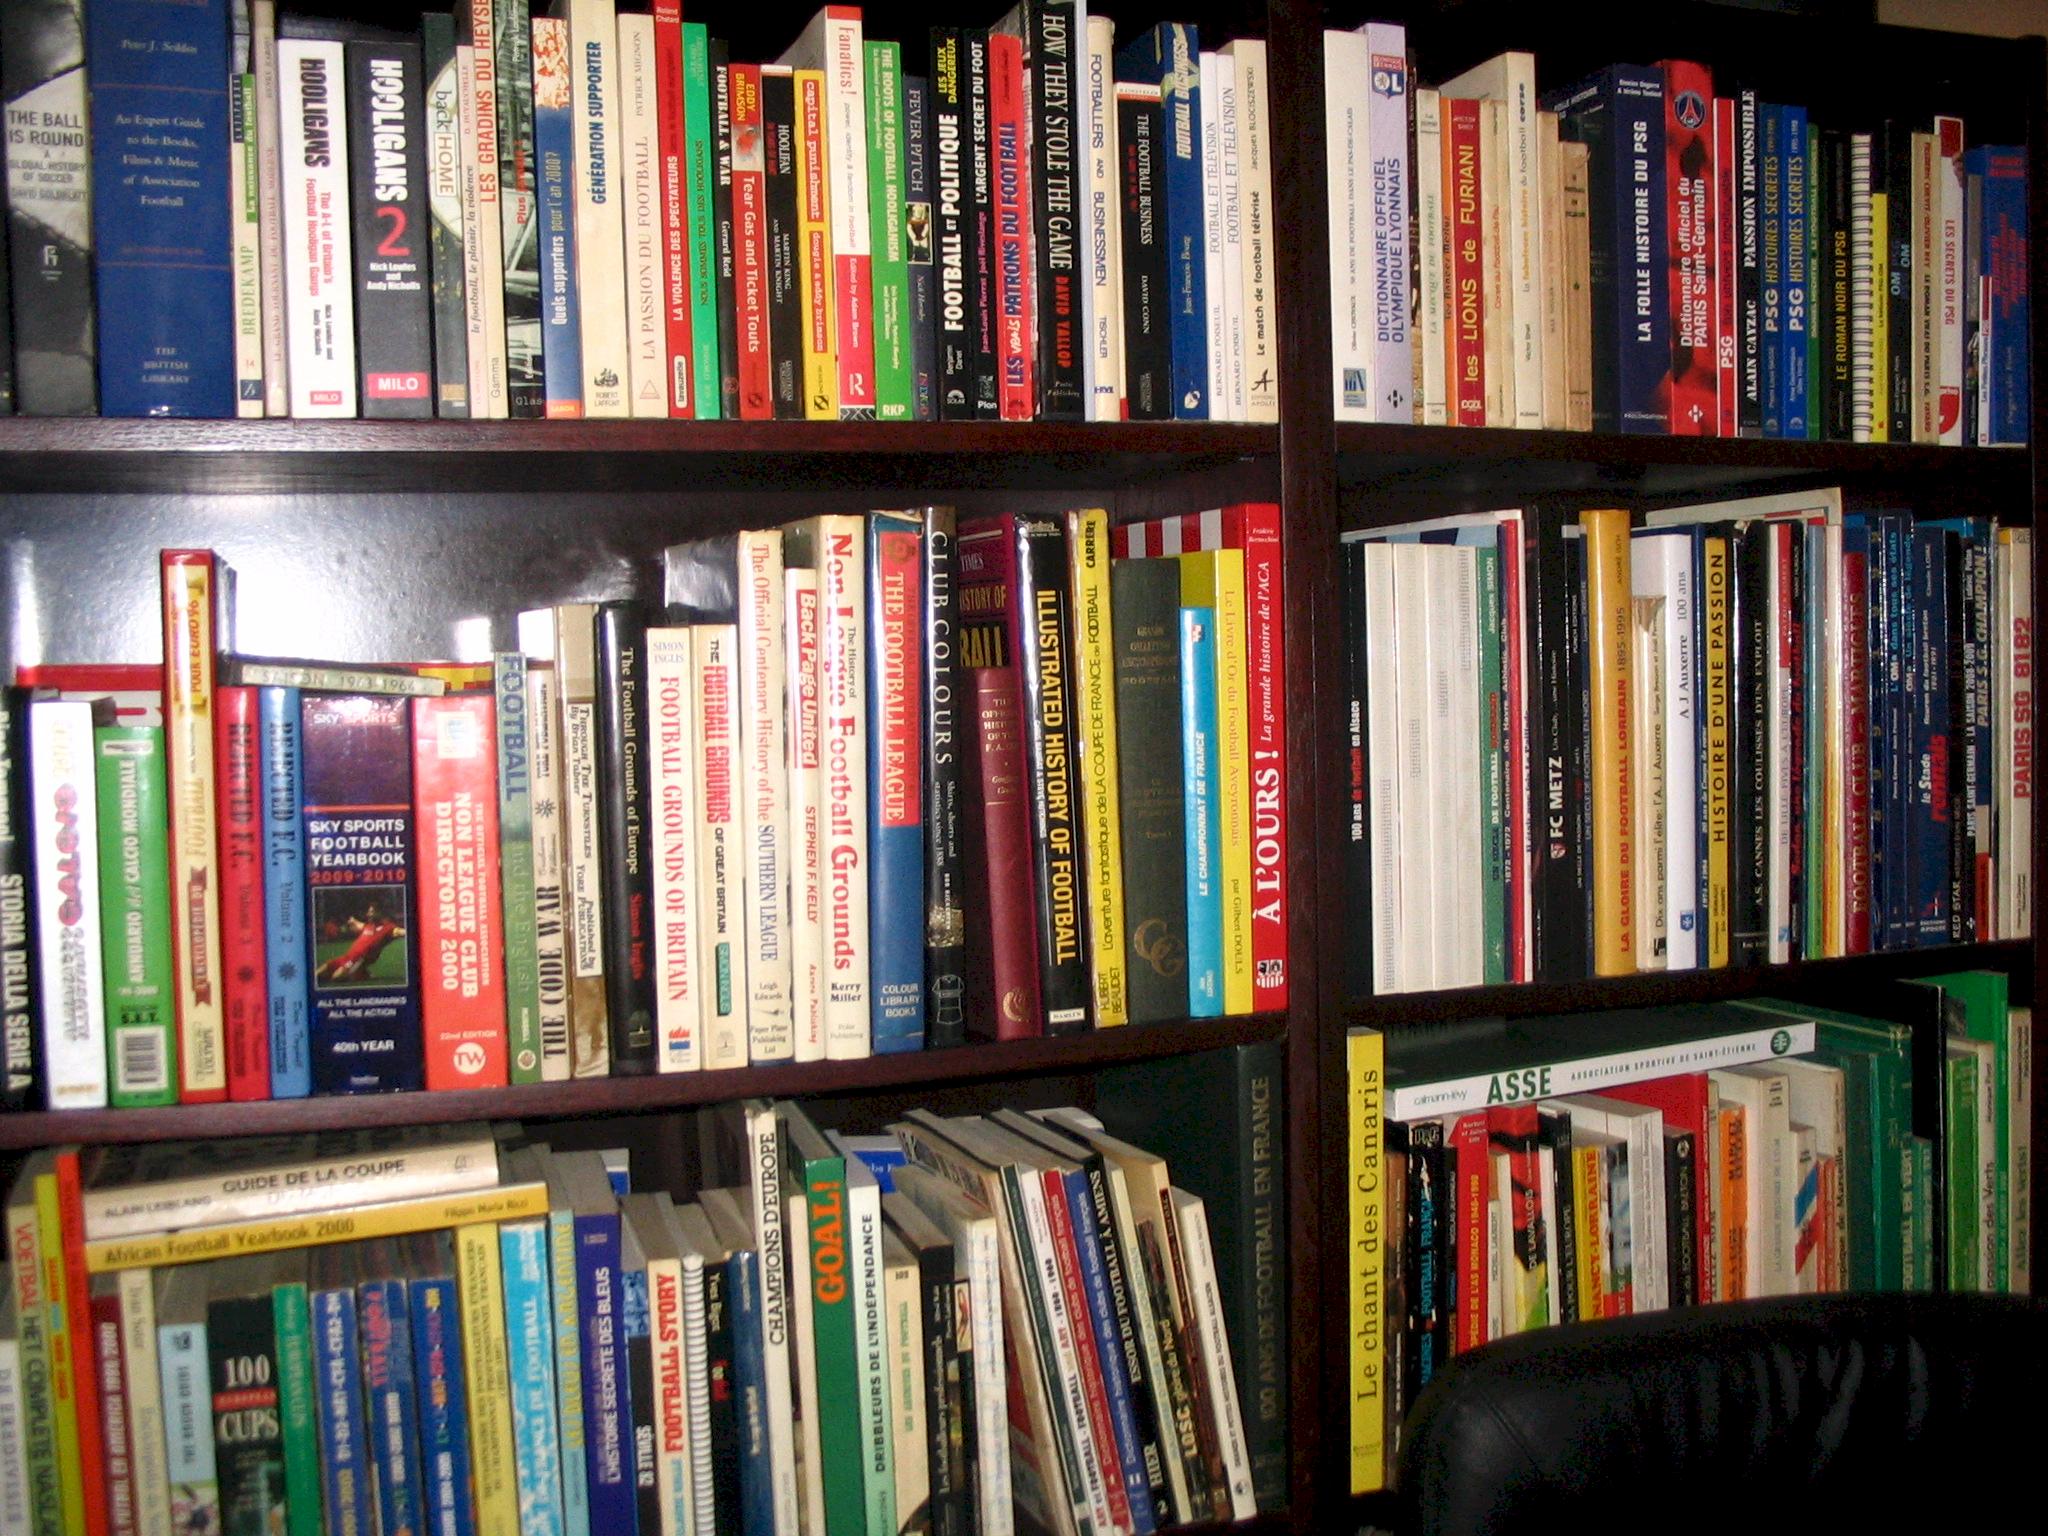 le prix cach du livre h berger des livres papier chez. Black Bedroom Furniture Sets. Home Design Ideas